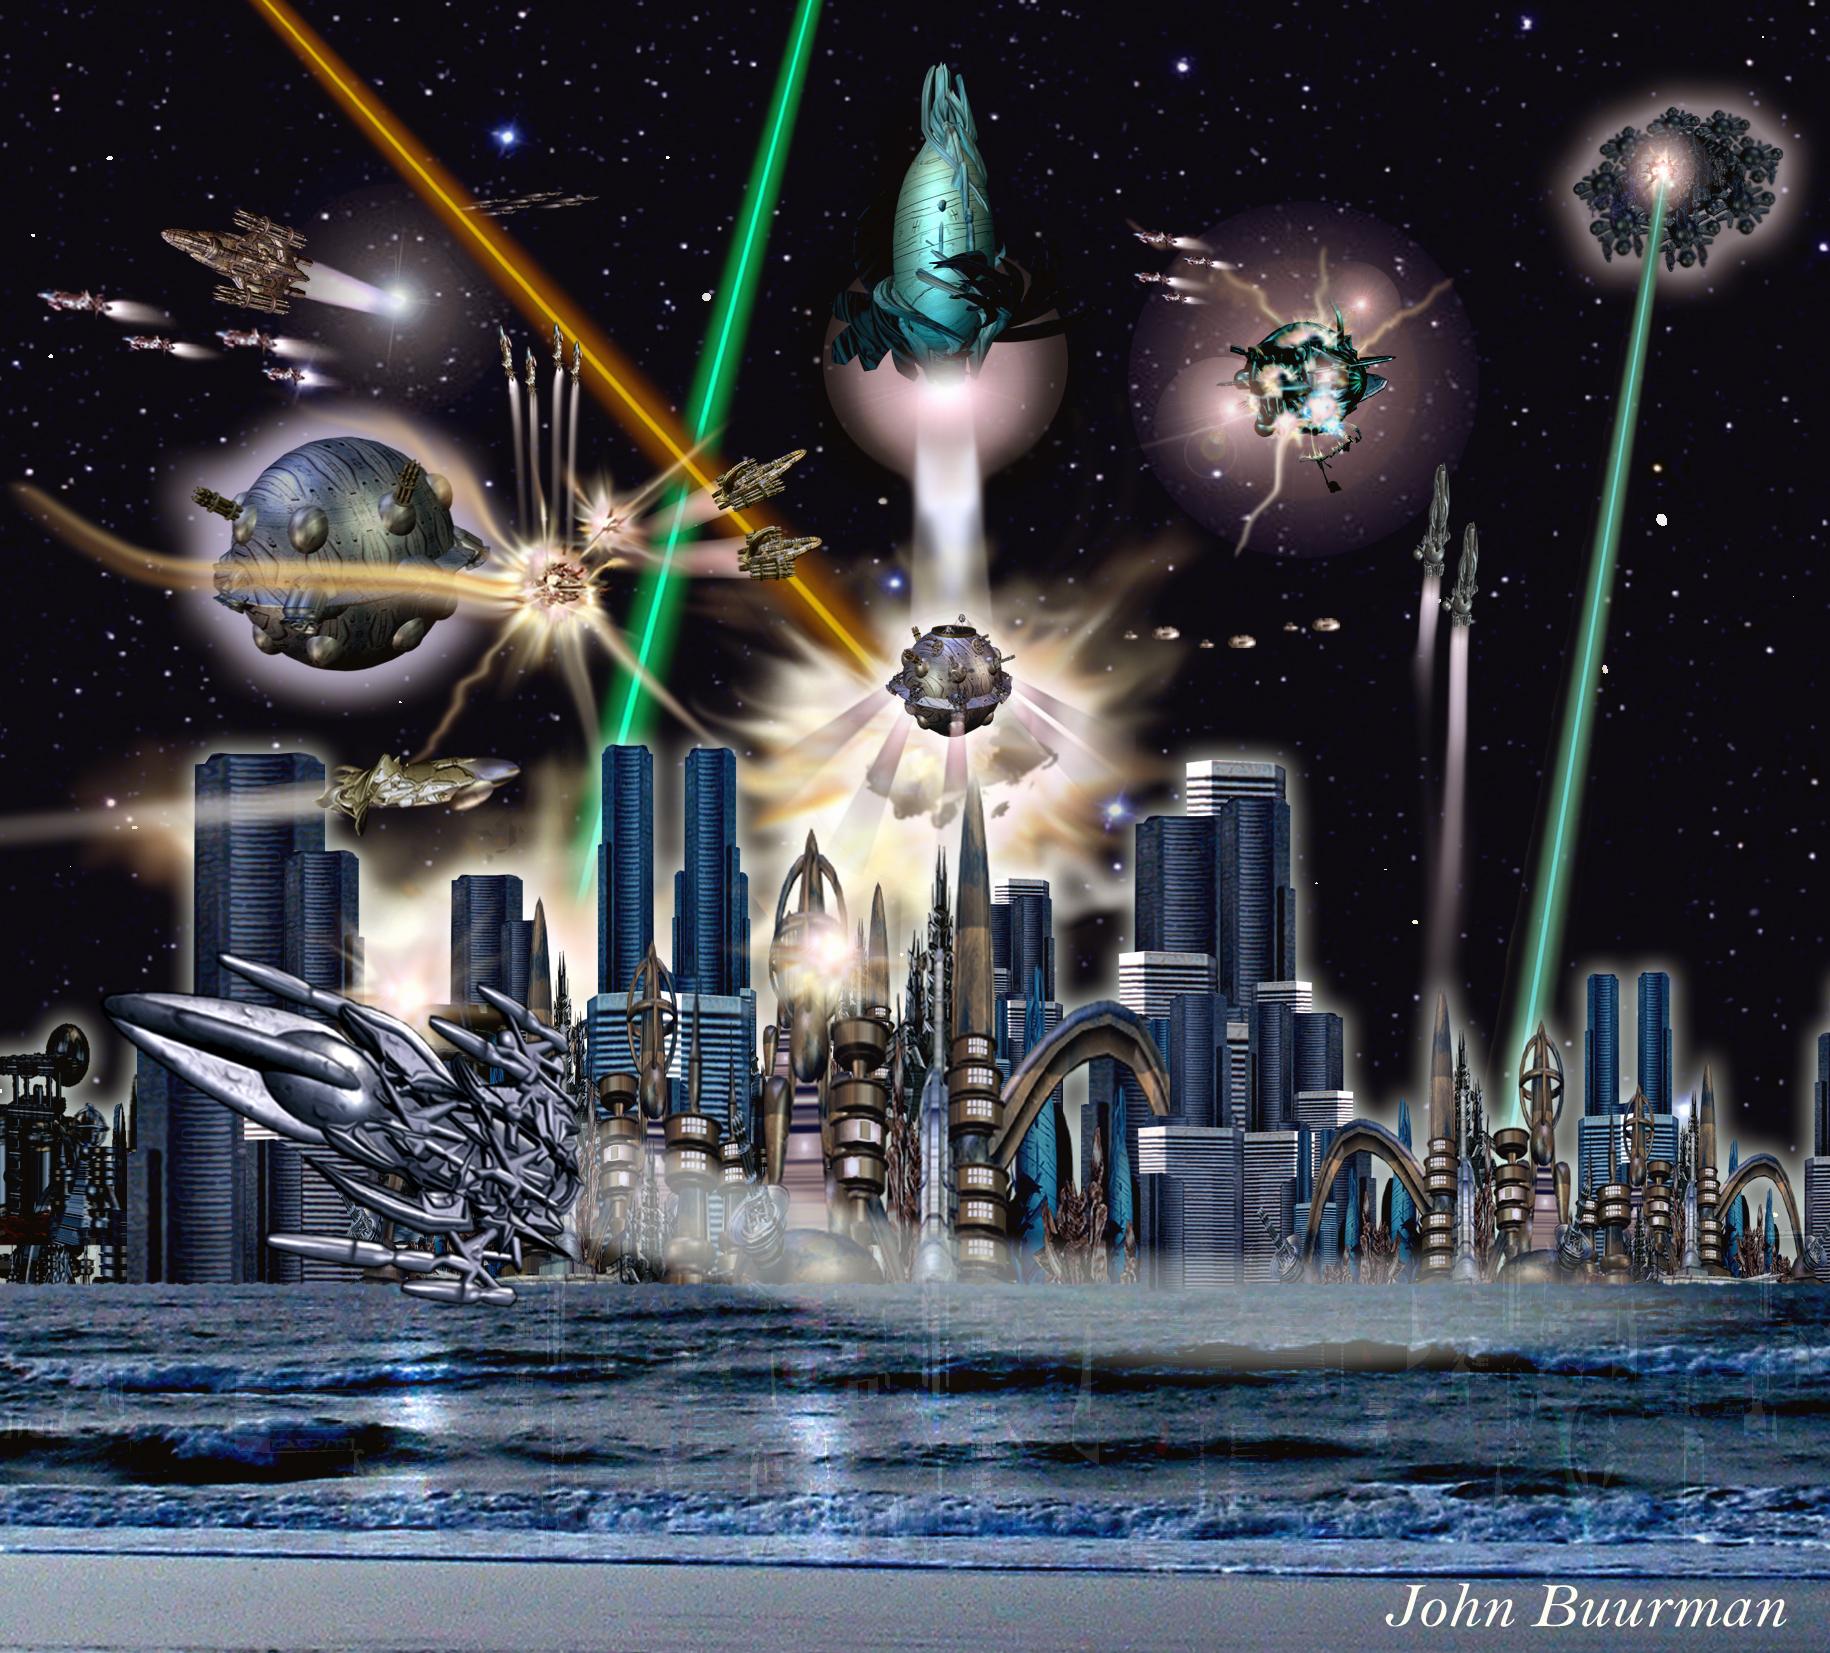 Angriff auf eine Stadt (C) John Buurman